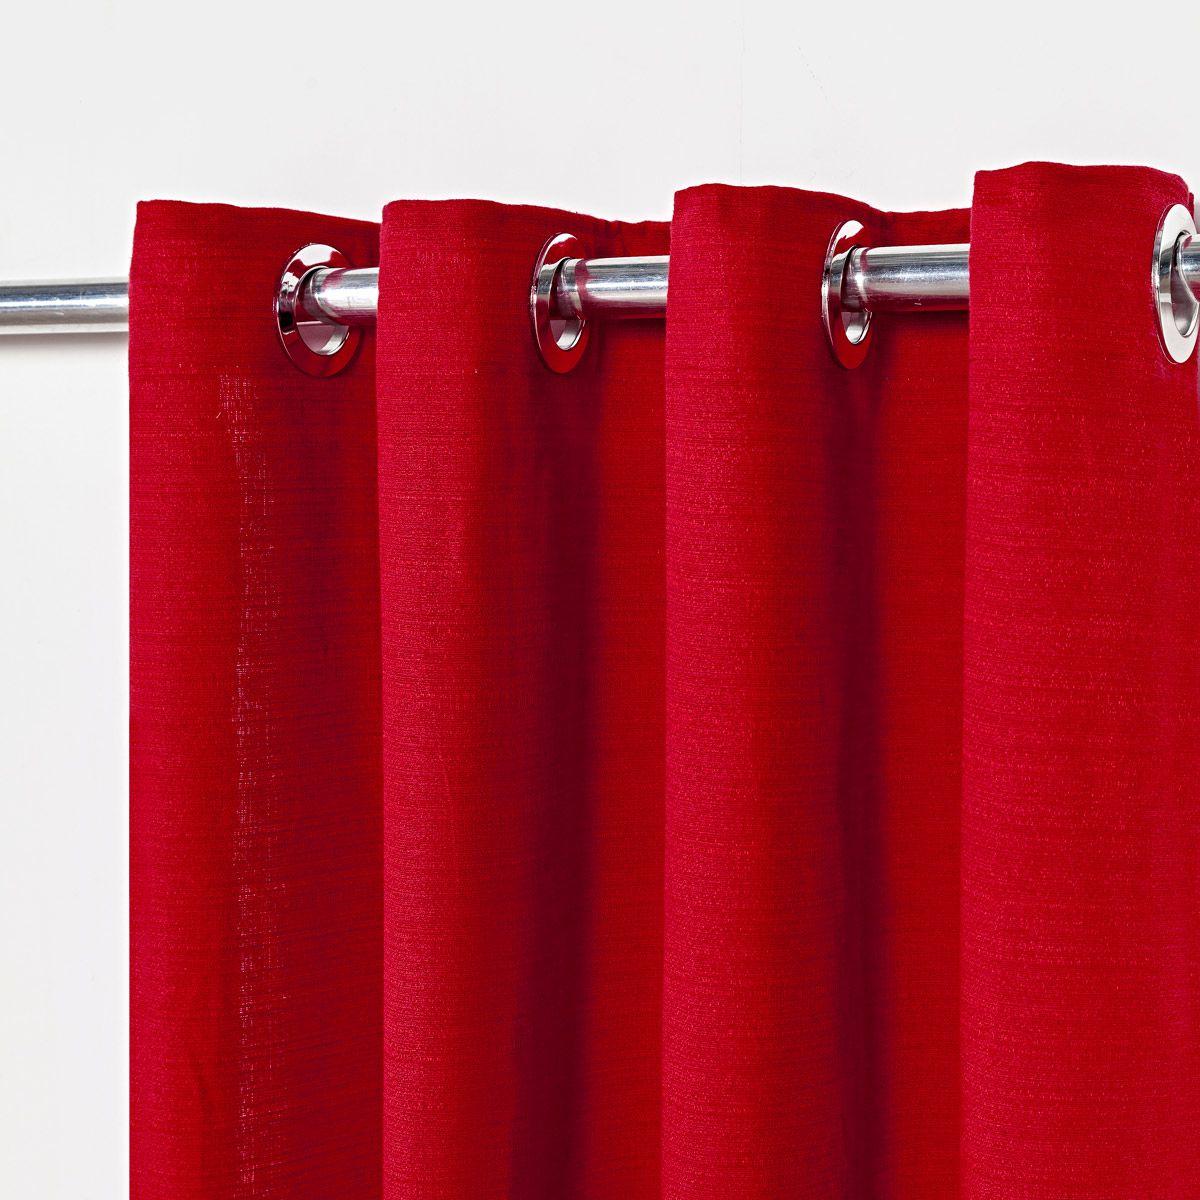 Cortina Rústica Texturizada Vermelho 2,80m X 1,60m p/ Varão simples de até 2,00m